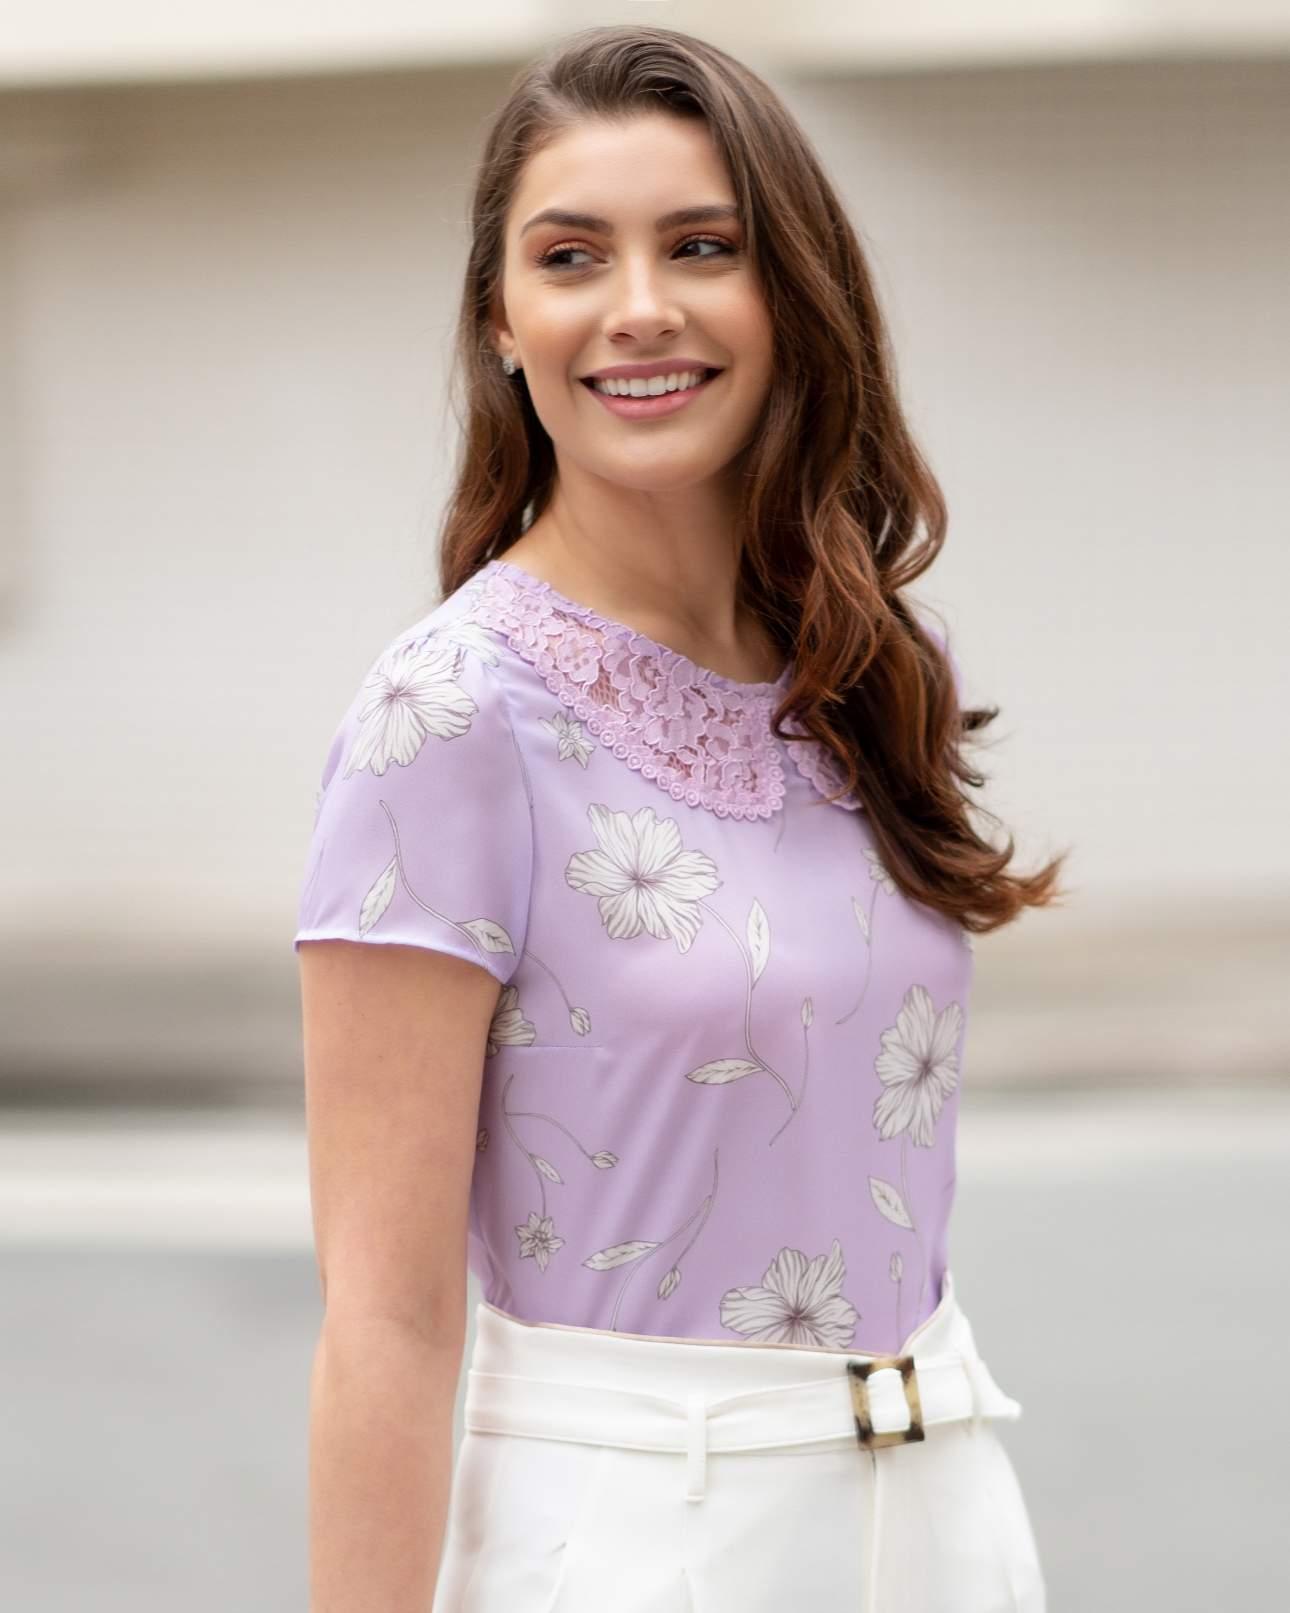 Blusa com Estampa de Flores e Golinha de Renda em Crepe Unique Chic